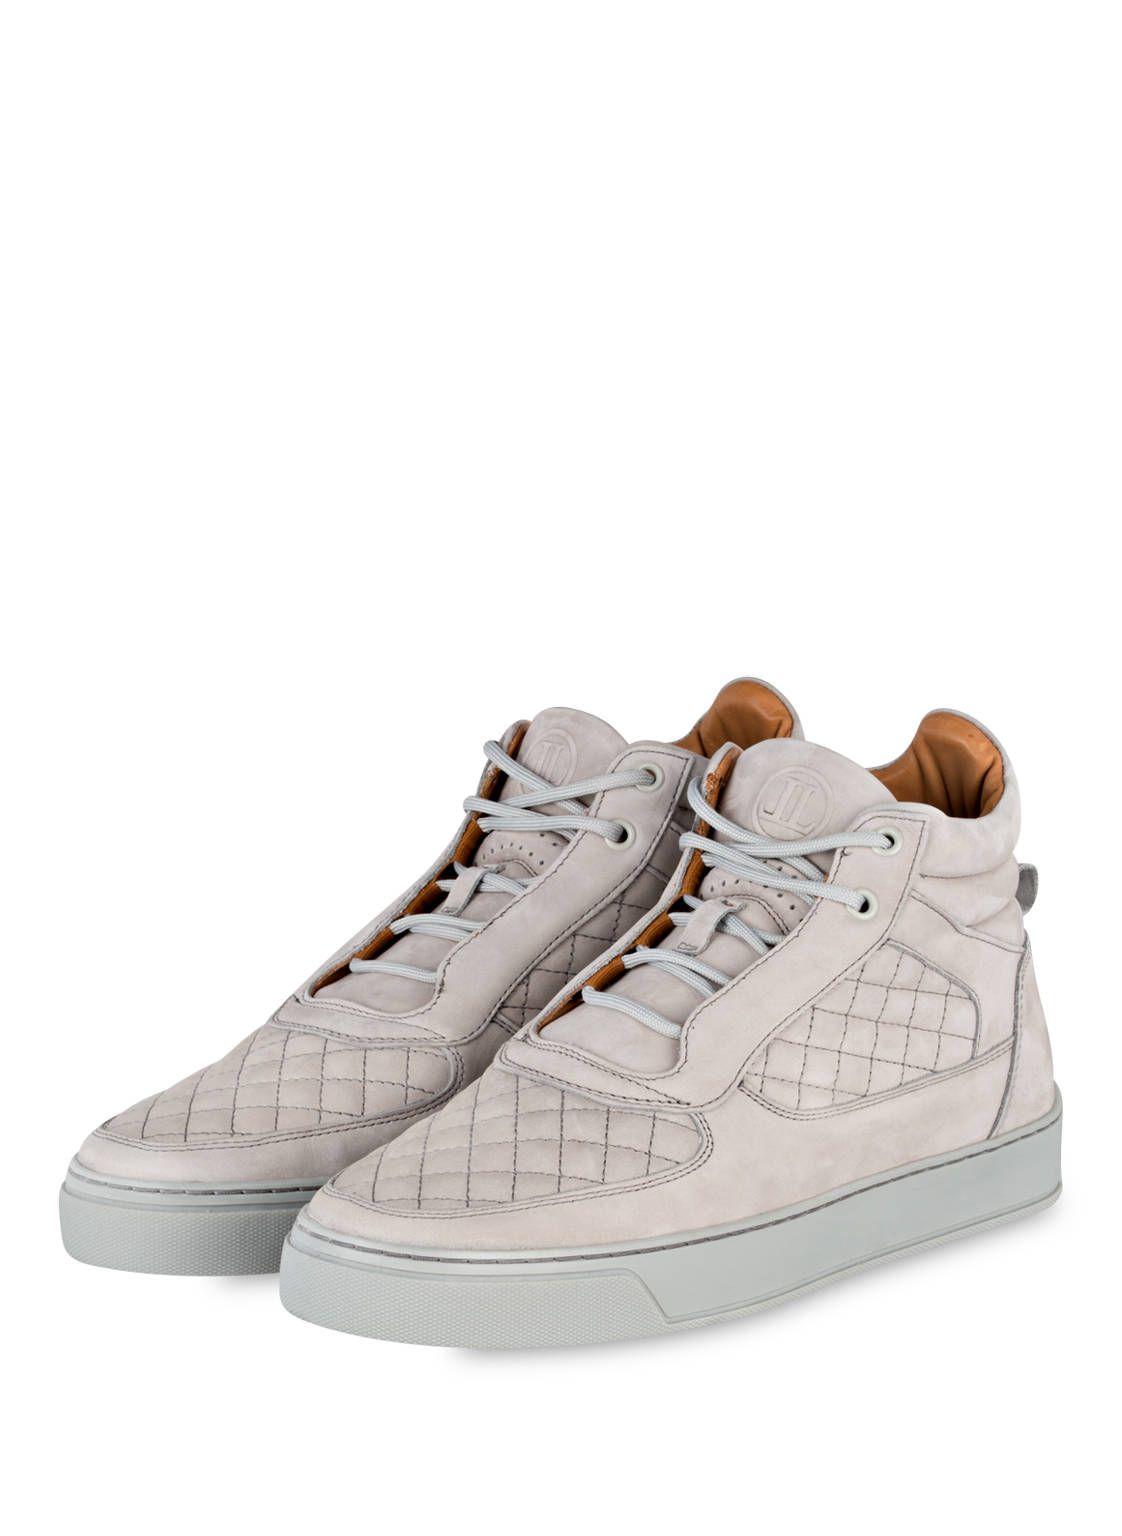 LEANDRO LOPES von FAISCA Sneaker Breuninger bei Hightop 0O8wPkNZnX